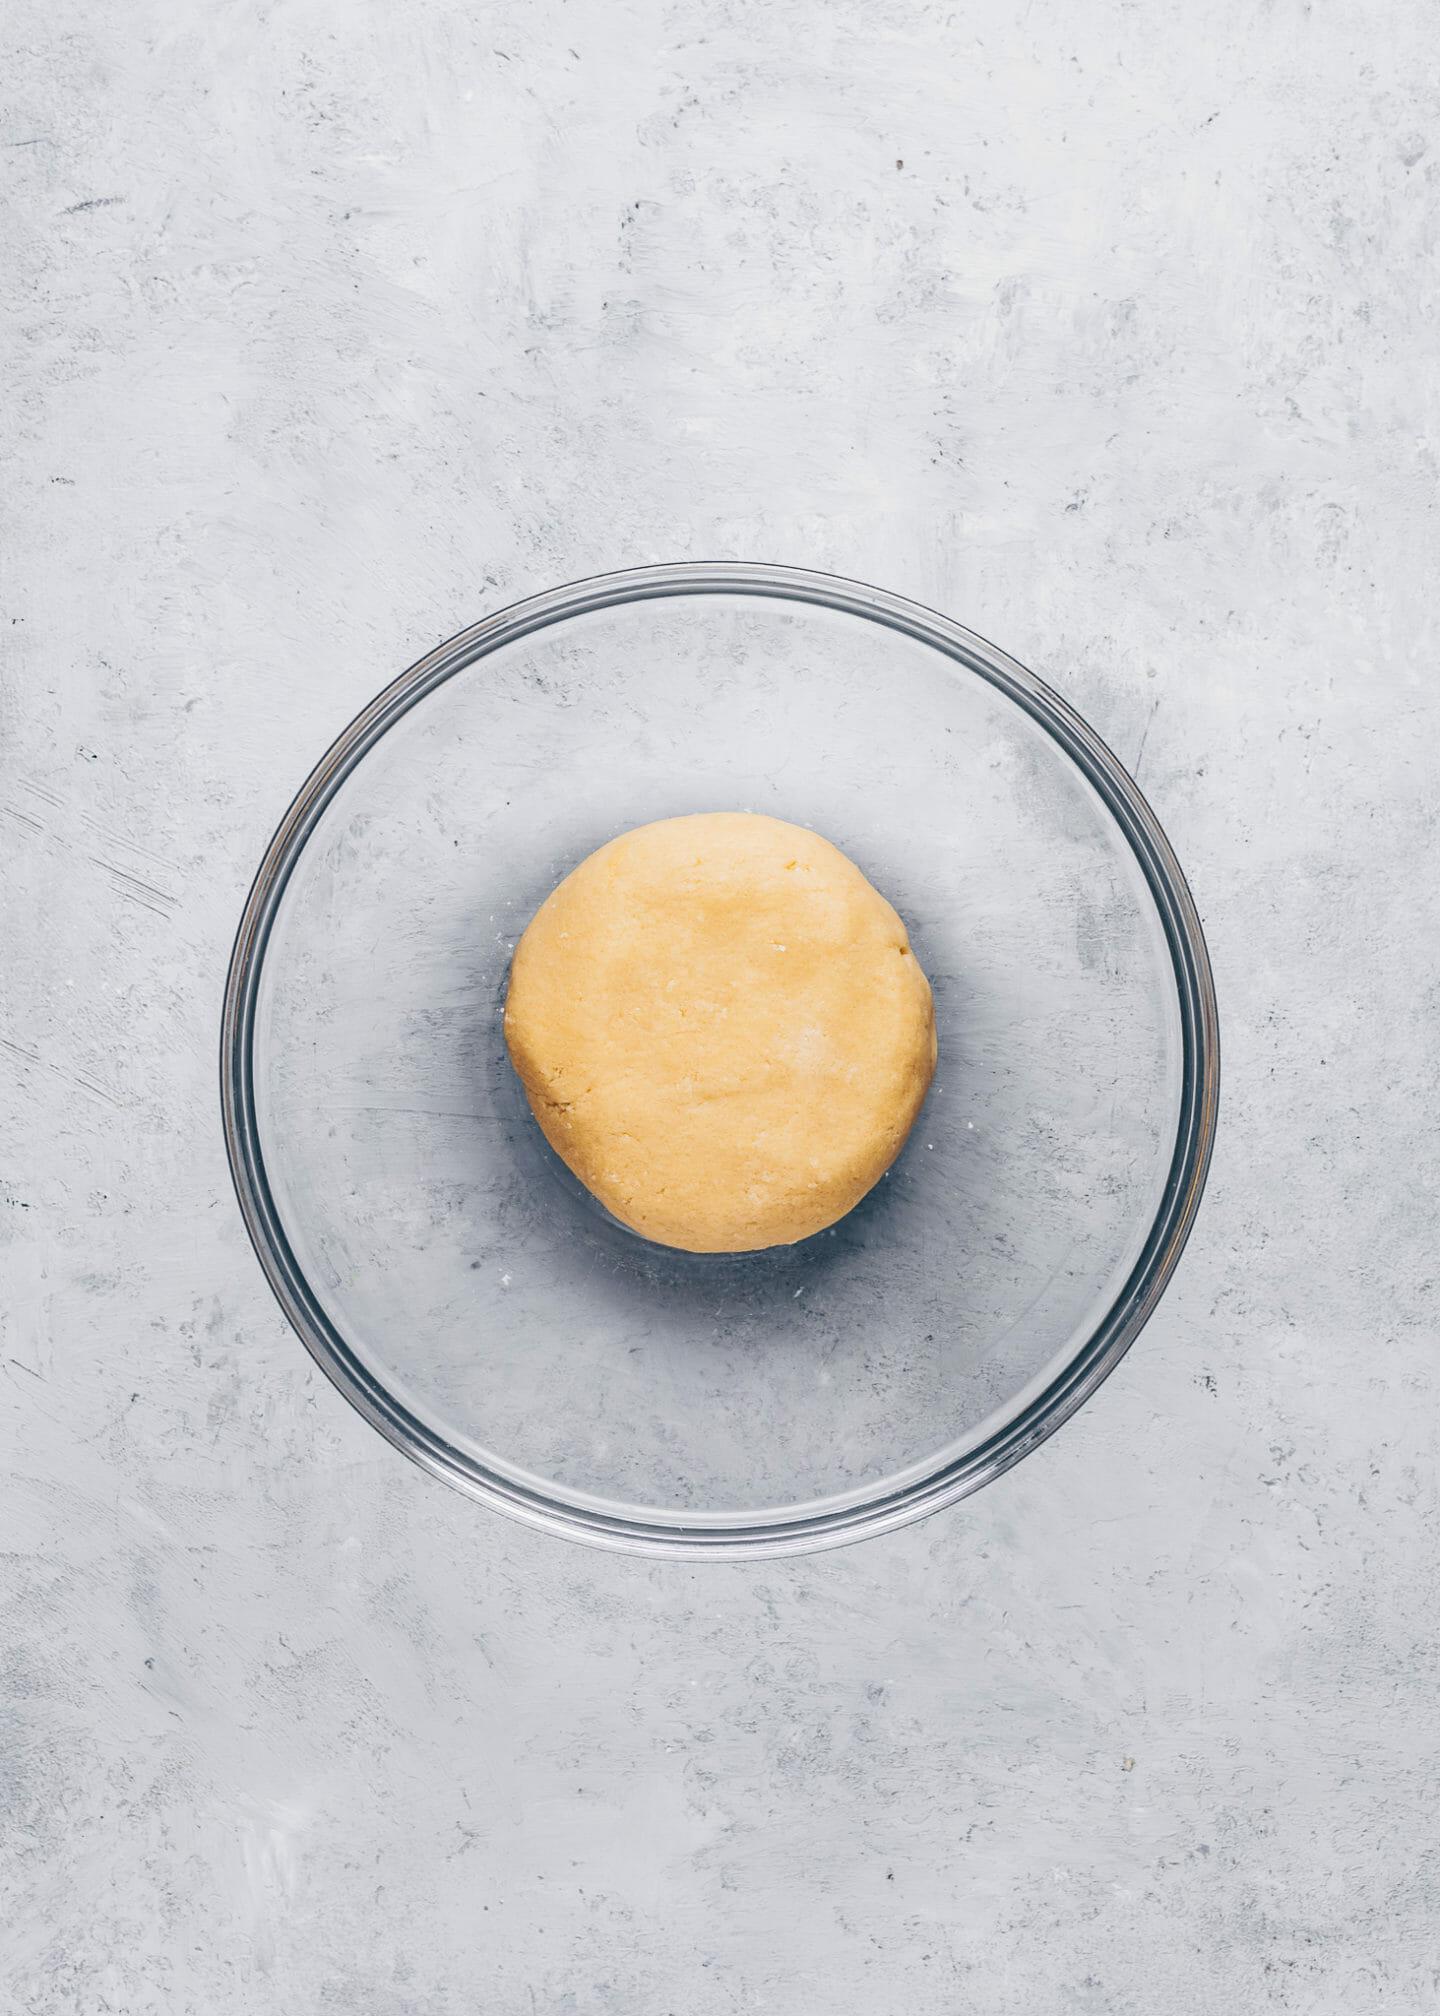 How to make Homemade Pastry Pie Dough (Tart Crust)